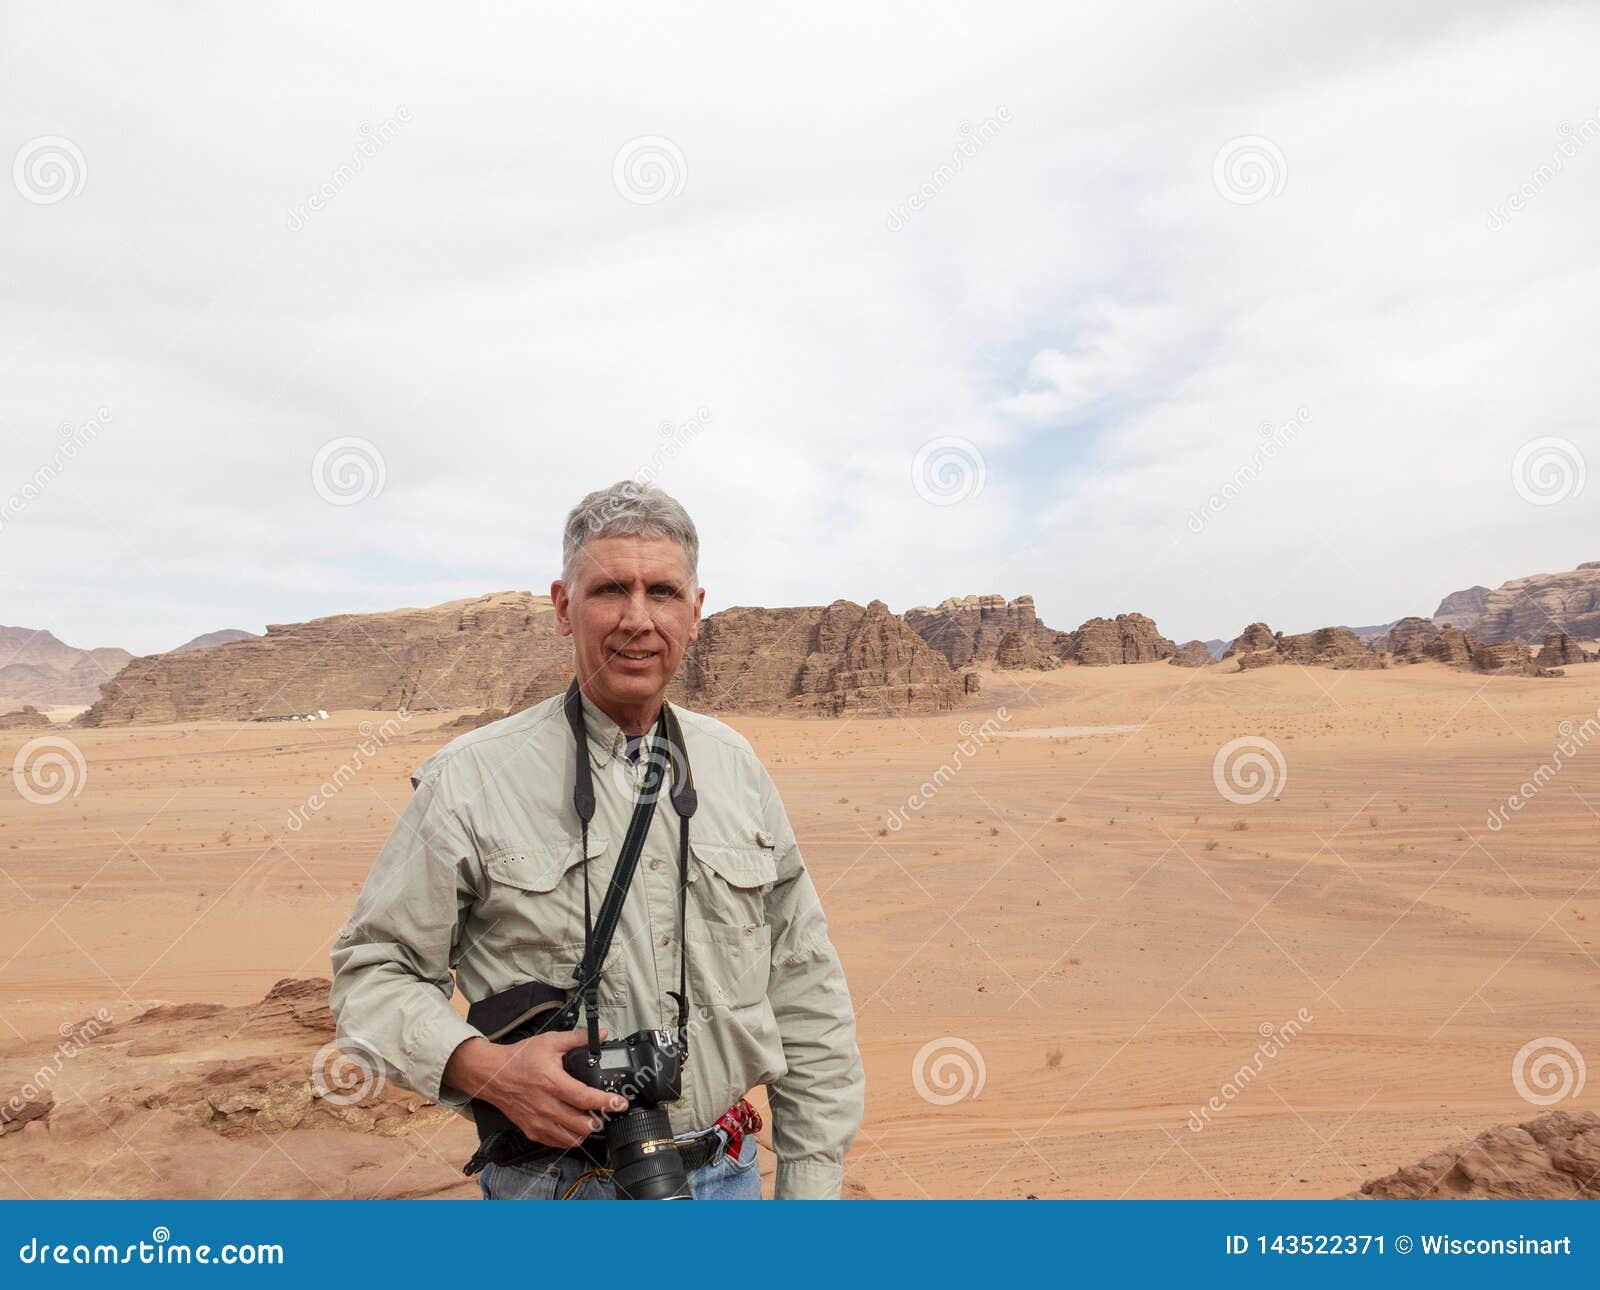 Wadi Run Desert, Jordan Travel, turista